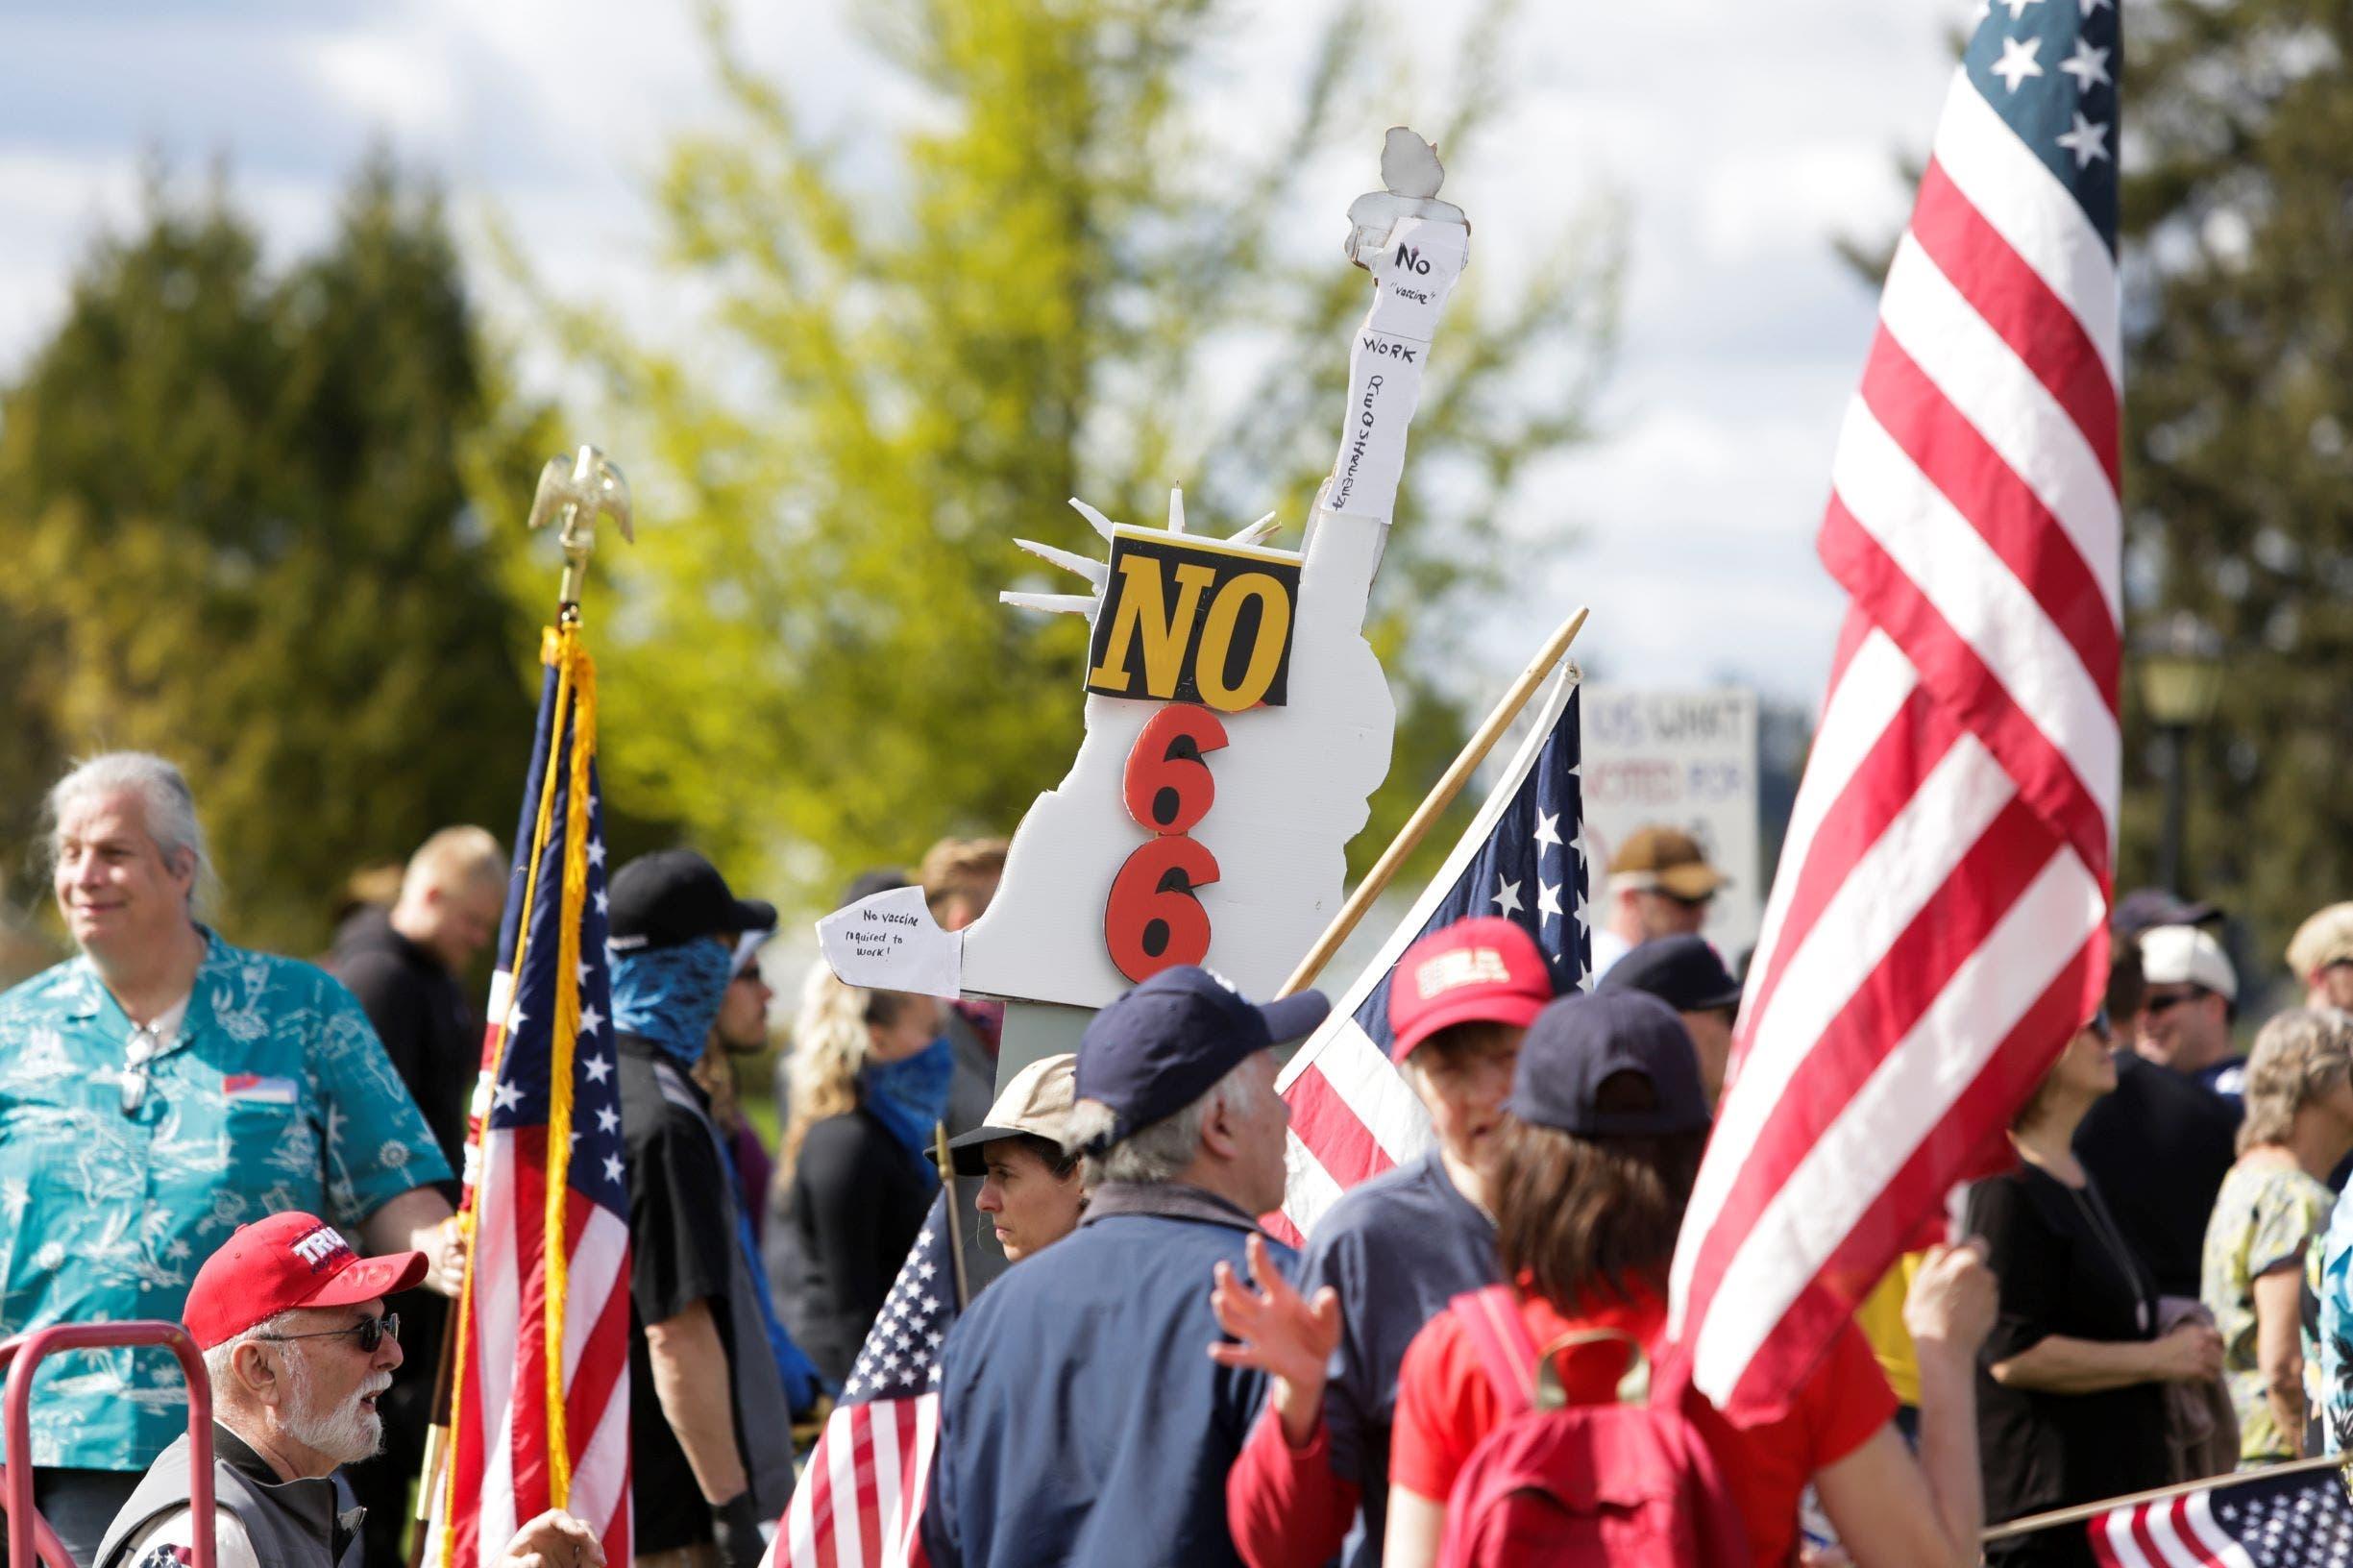 من الاحتجاجات المطالبة بوقف الإغلاق